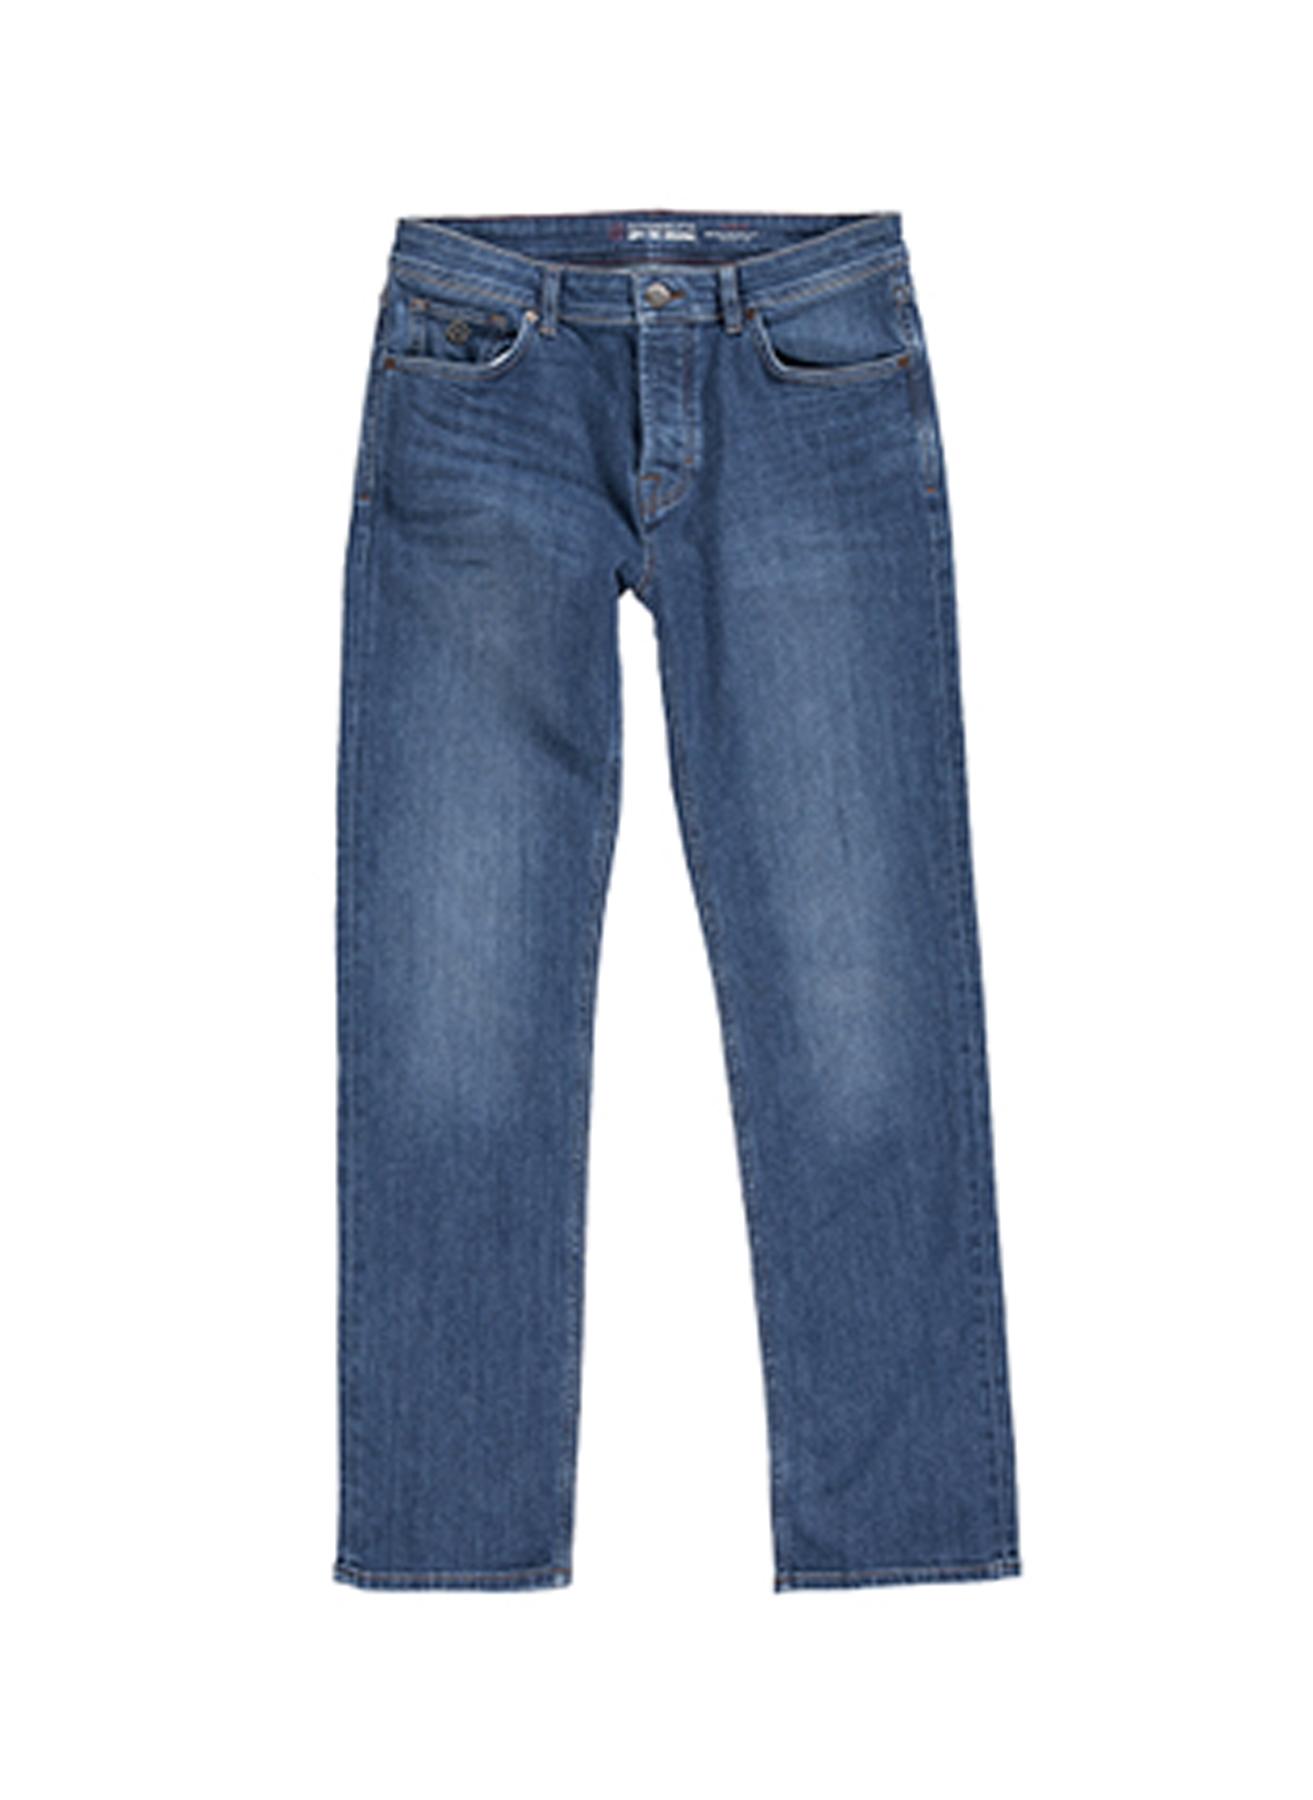 Loft Denim Pantolon 31-32 5000201936002 Ürün Resmi